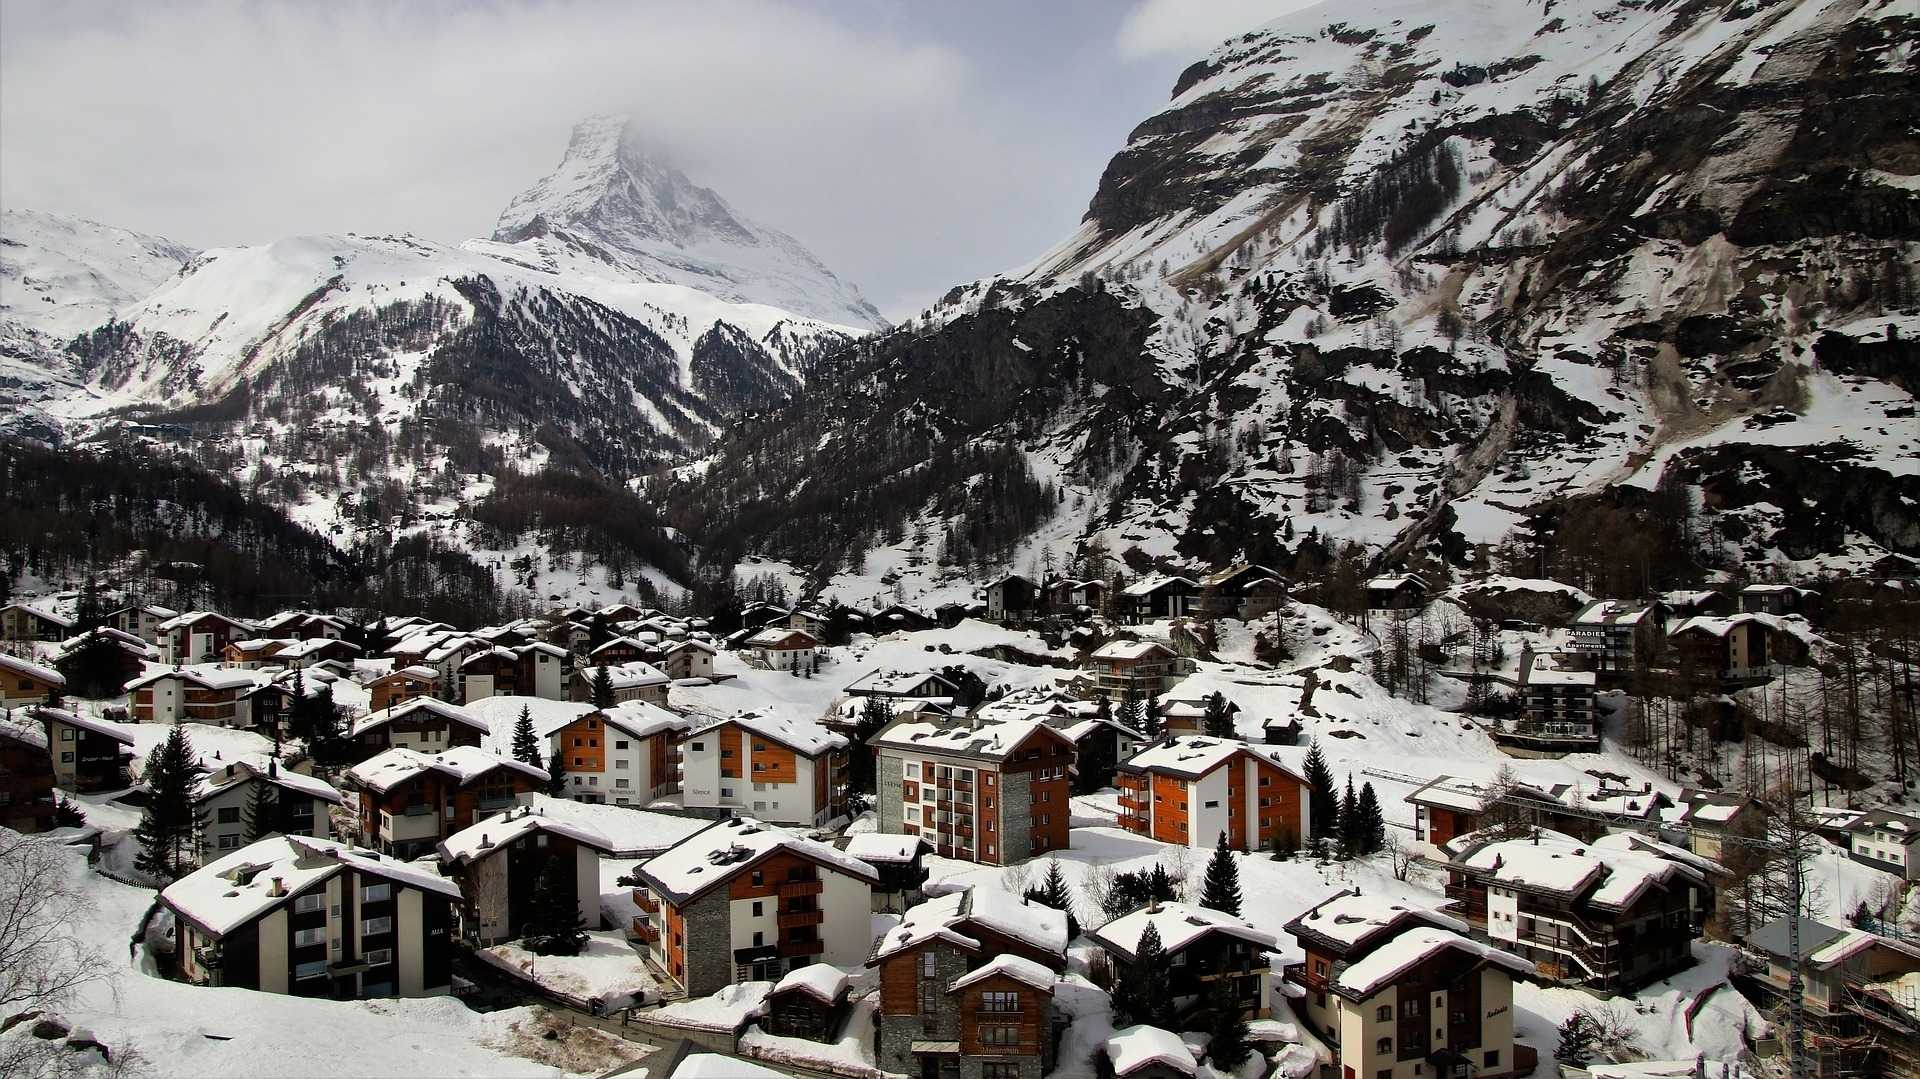 Feierabend für Dachantenne: Die Schweiz schaltet DVB-T komplett ab